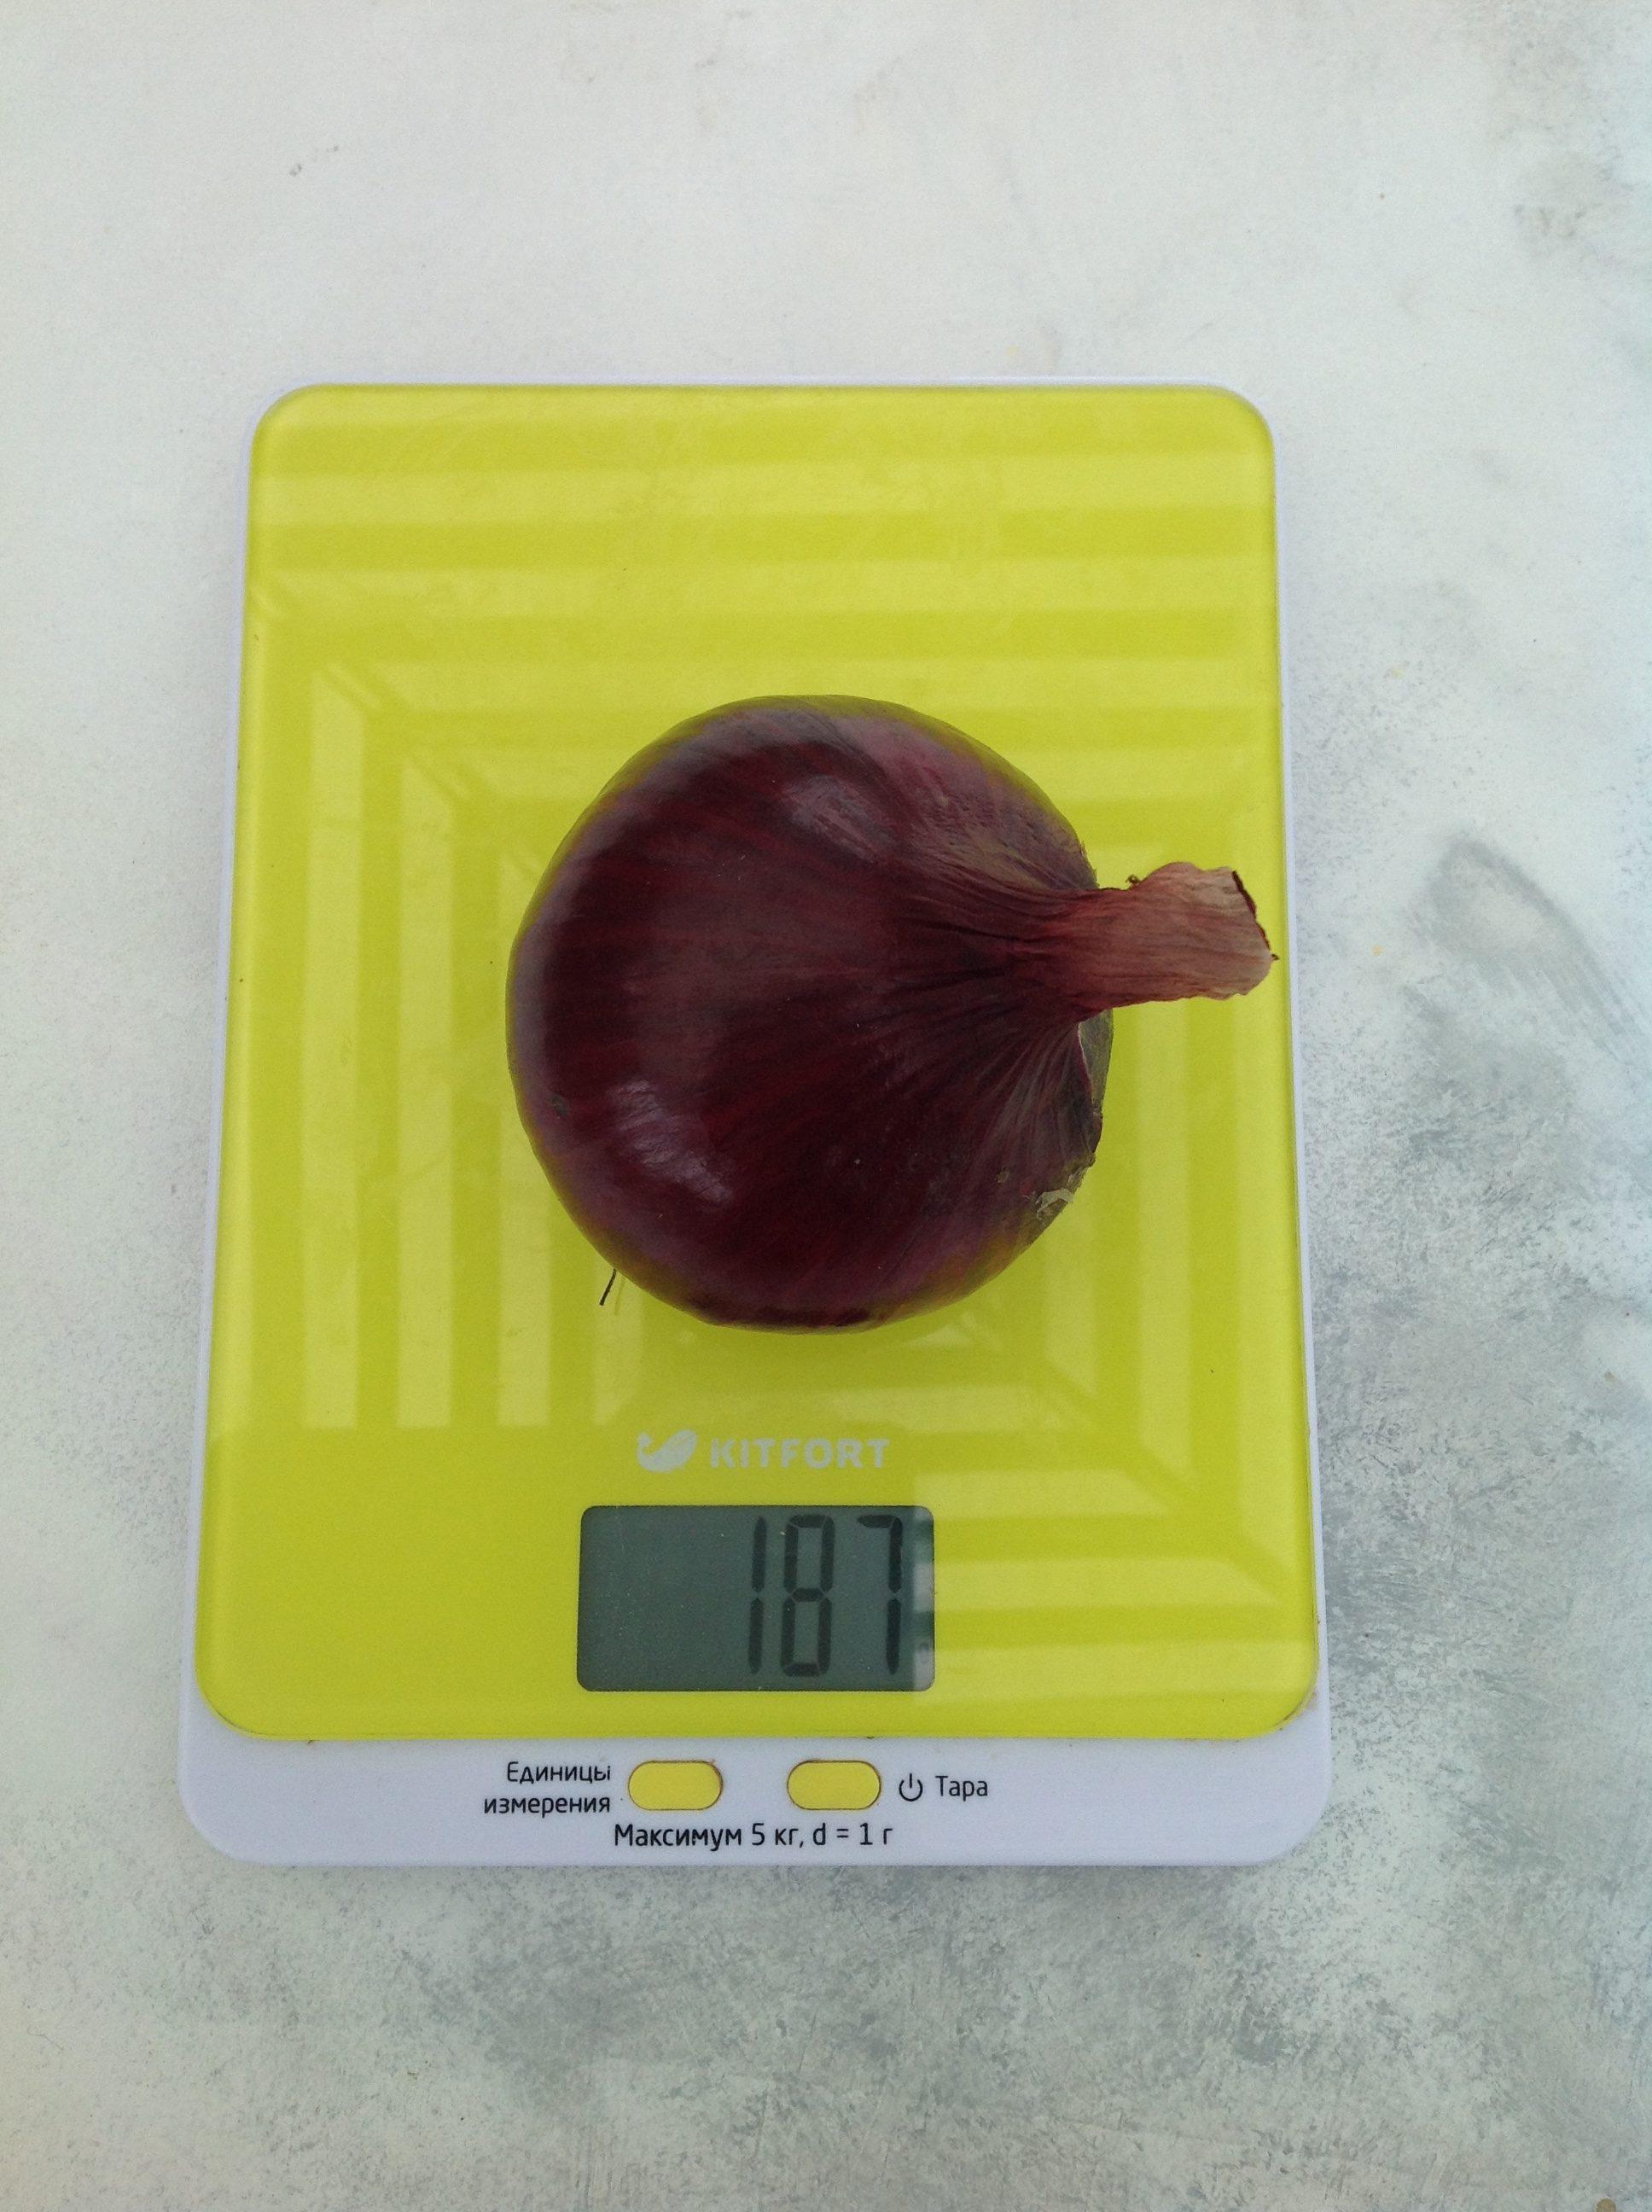 вес луковицы красной средней